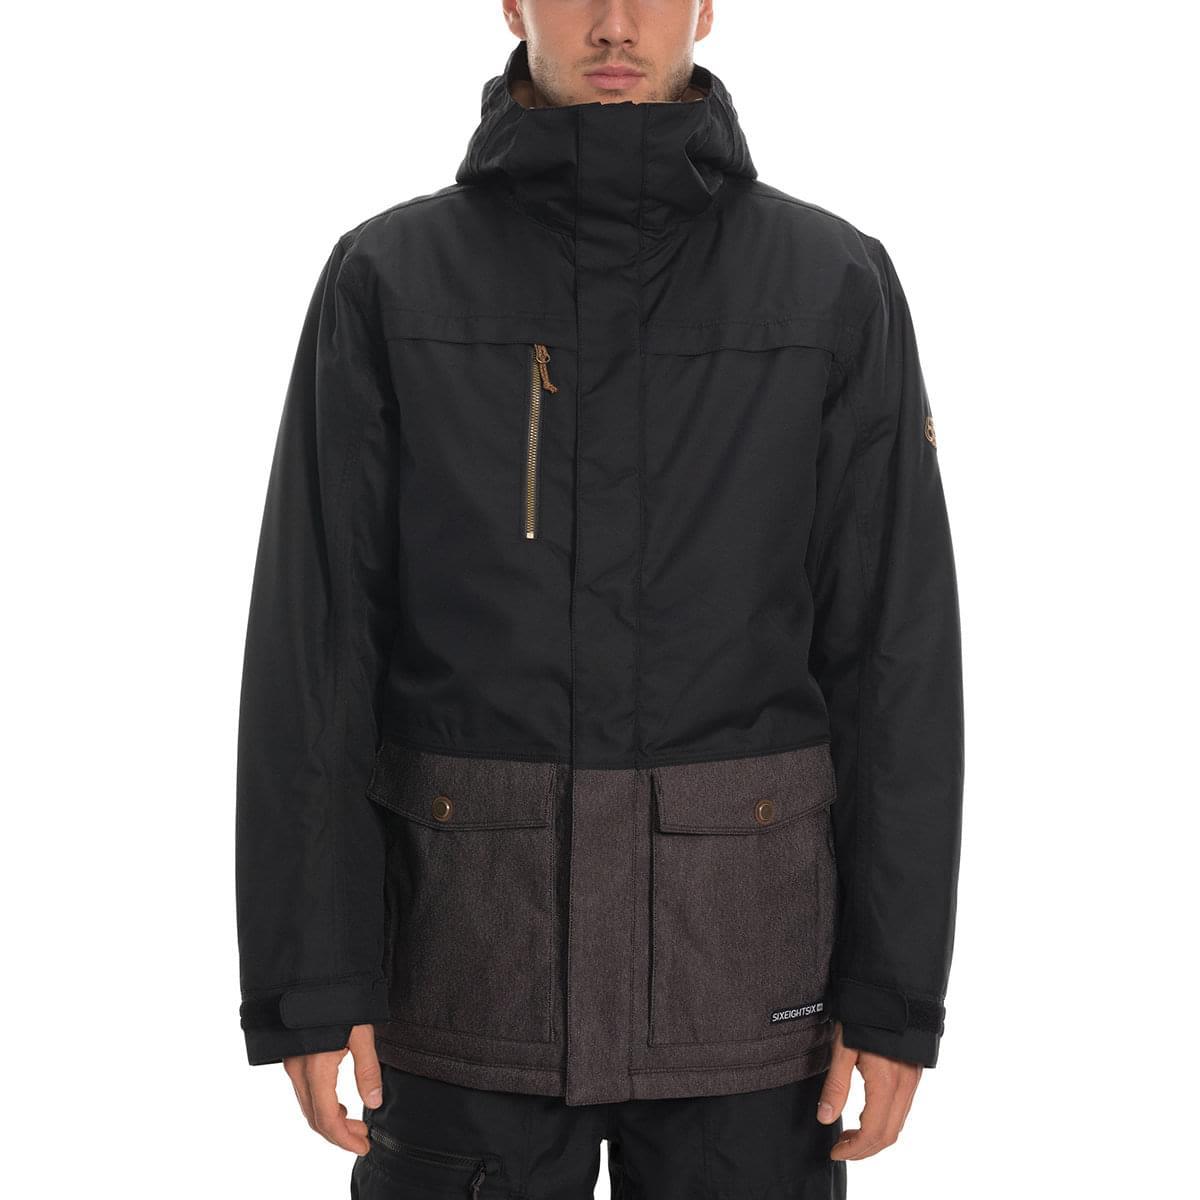 10% de remise supplémentaire sur l'Outdoor - Ex : Veste 686 Mns Anthem Insulated Jacket Black Colorblock 2020